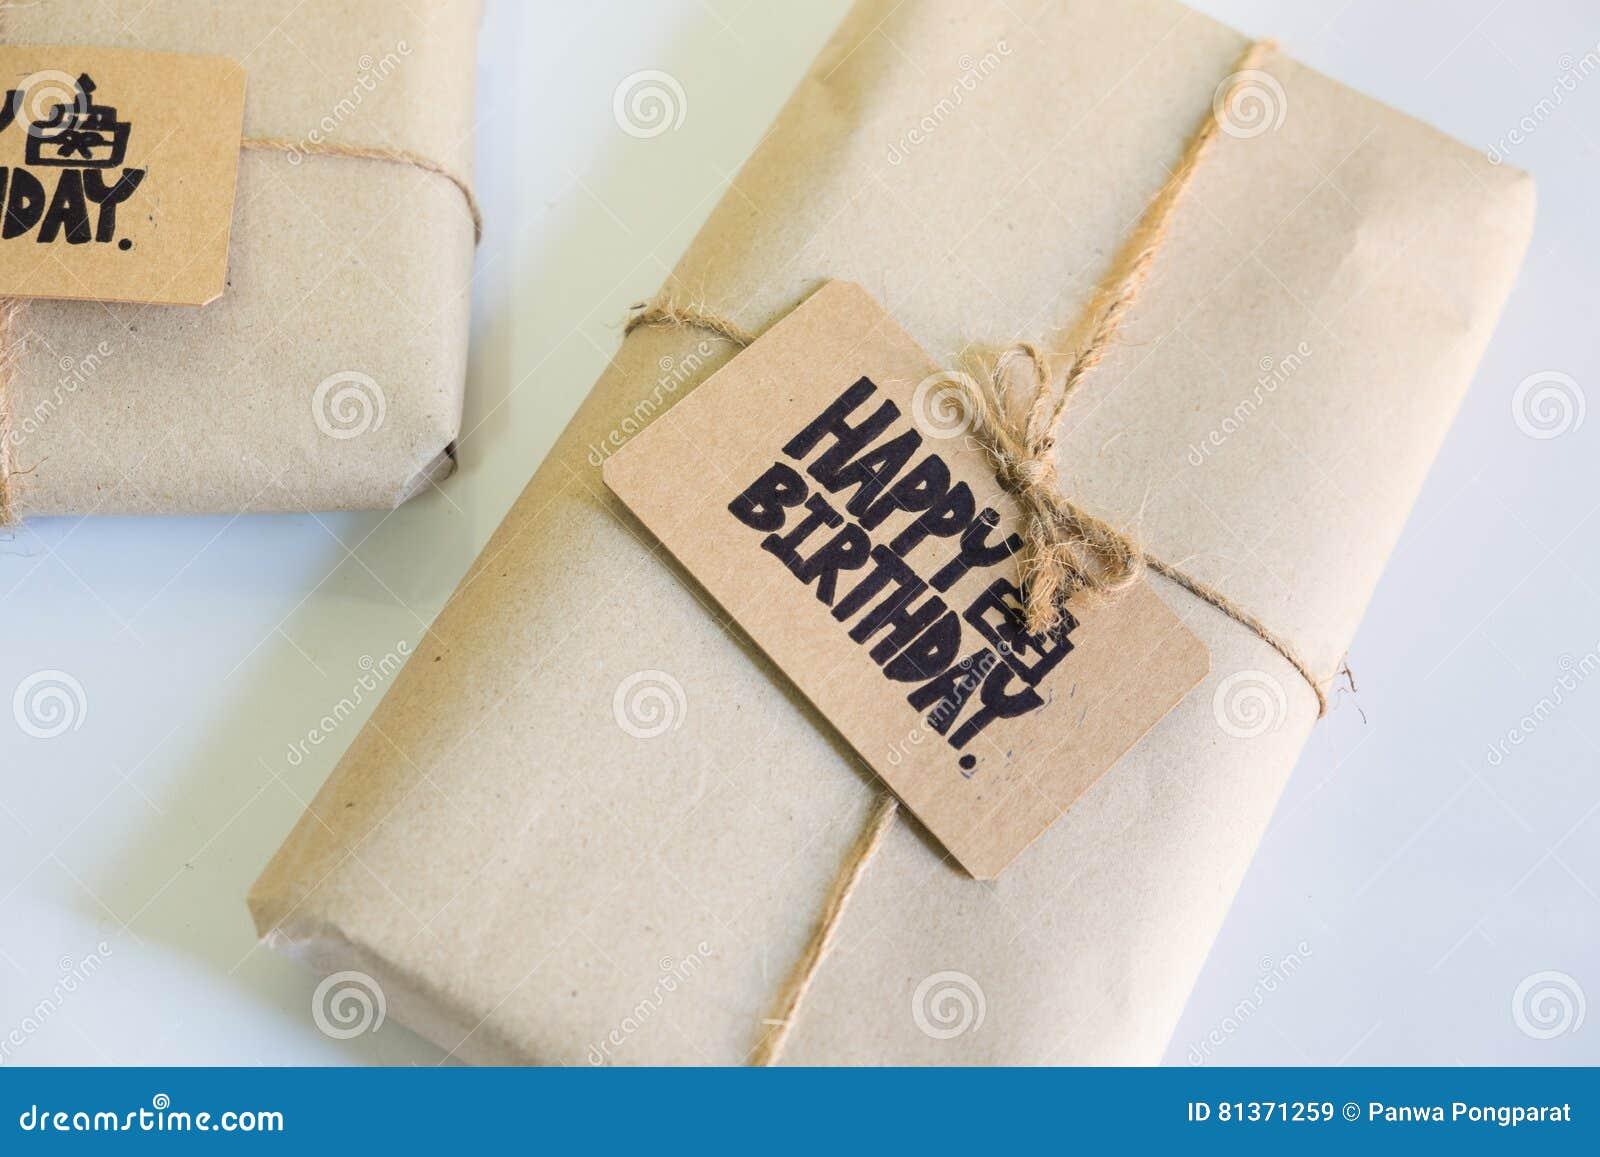 regalo hecho a mano con la tarjeta del feliz cumpleaos de la celebracin with regalos hechos a mano